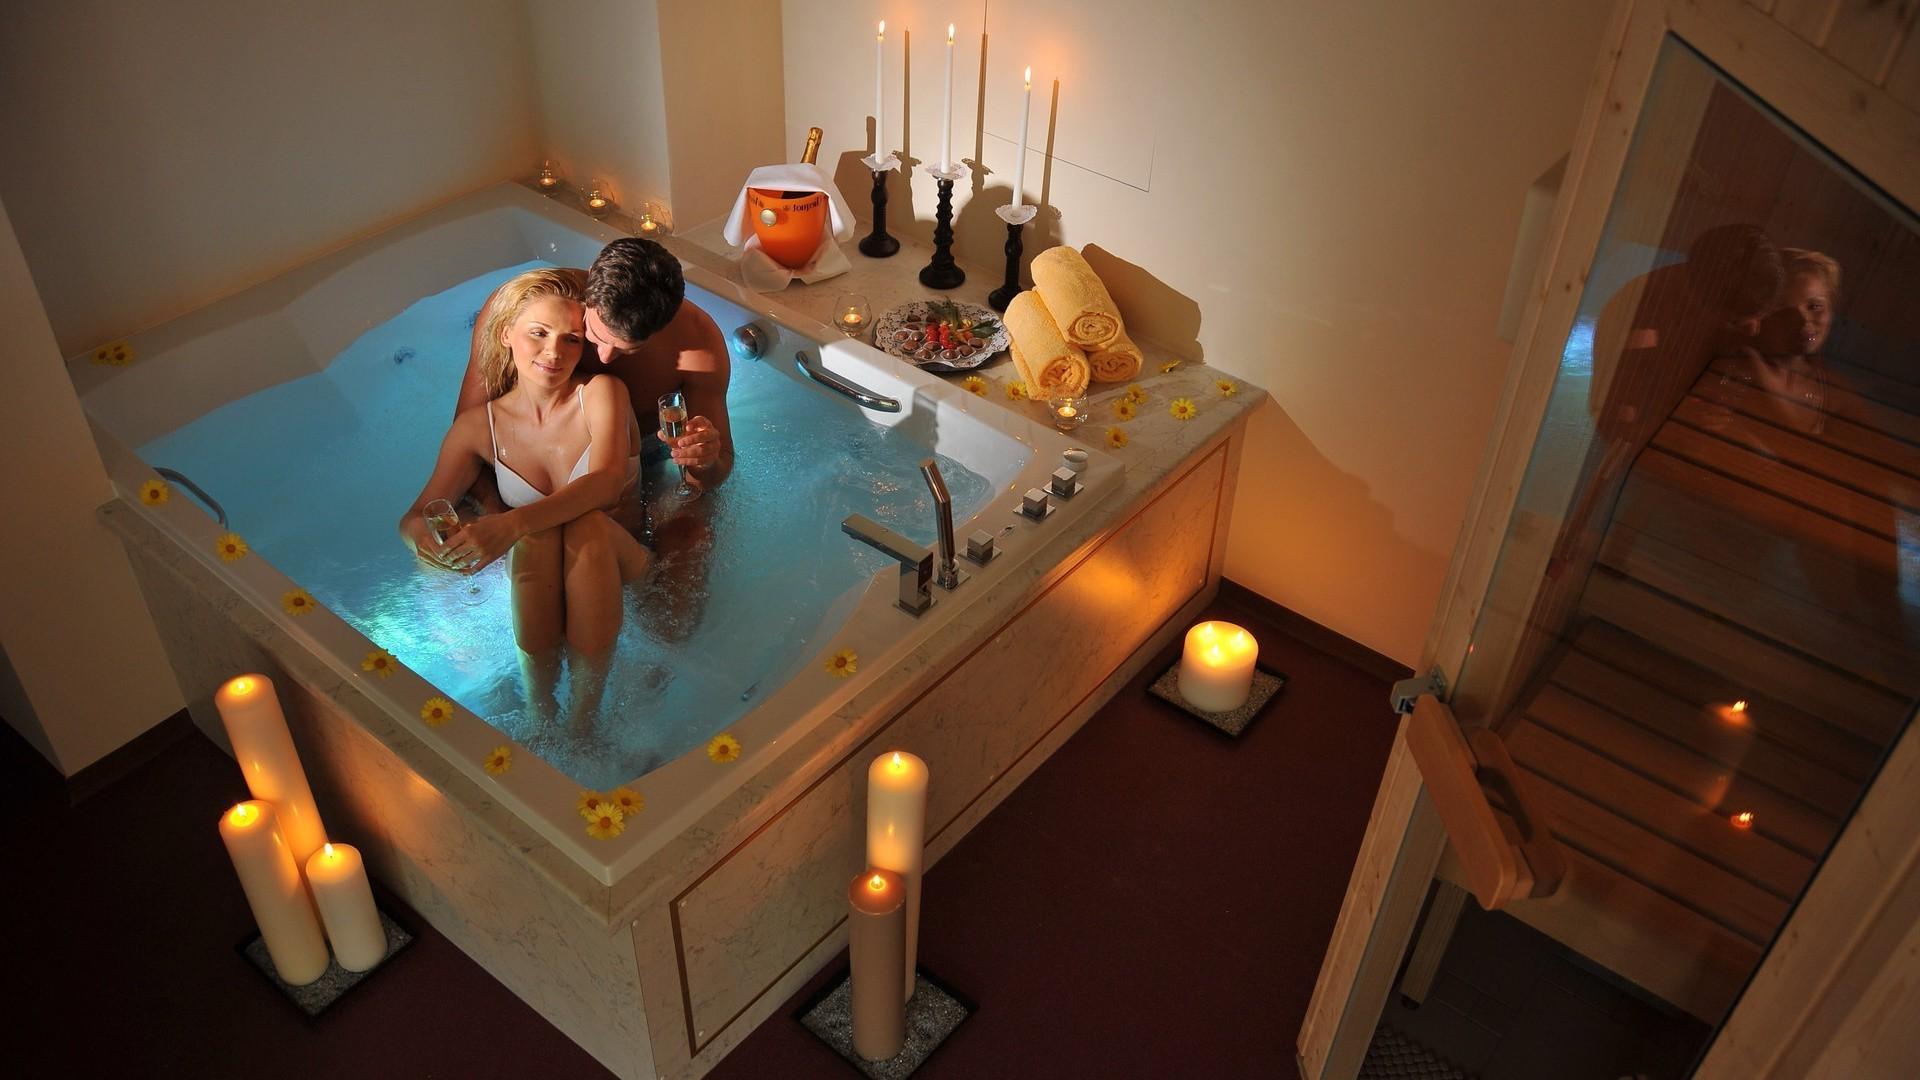 Секс видео дома в ванной 234